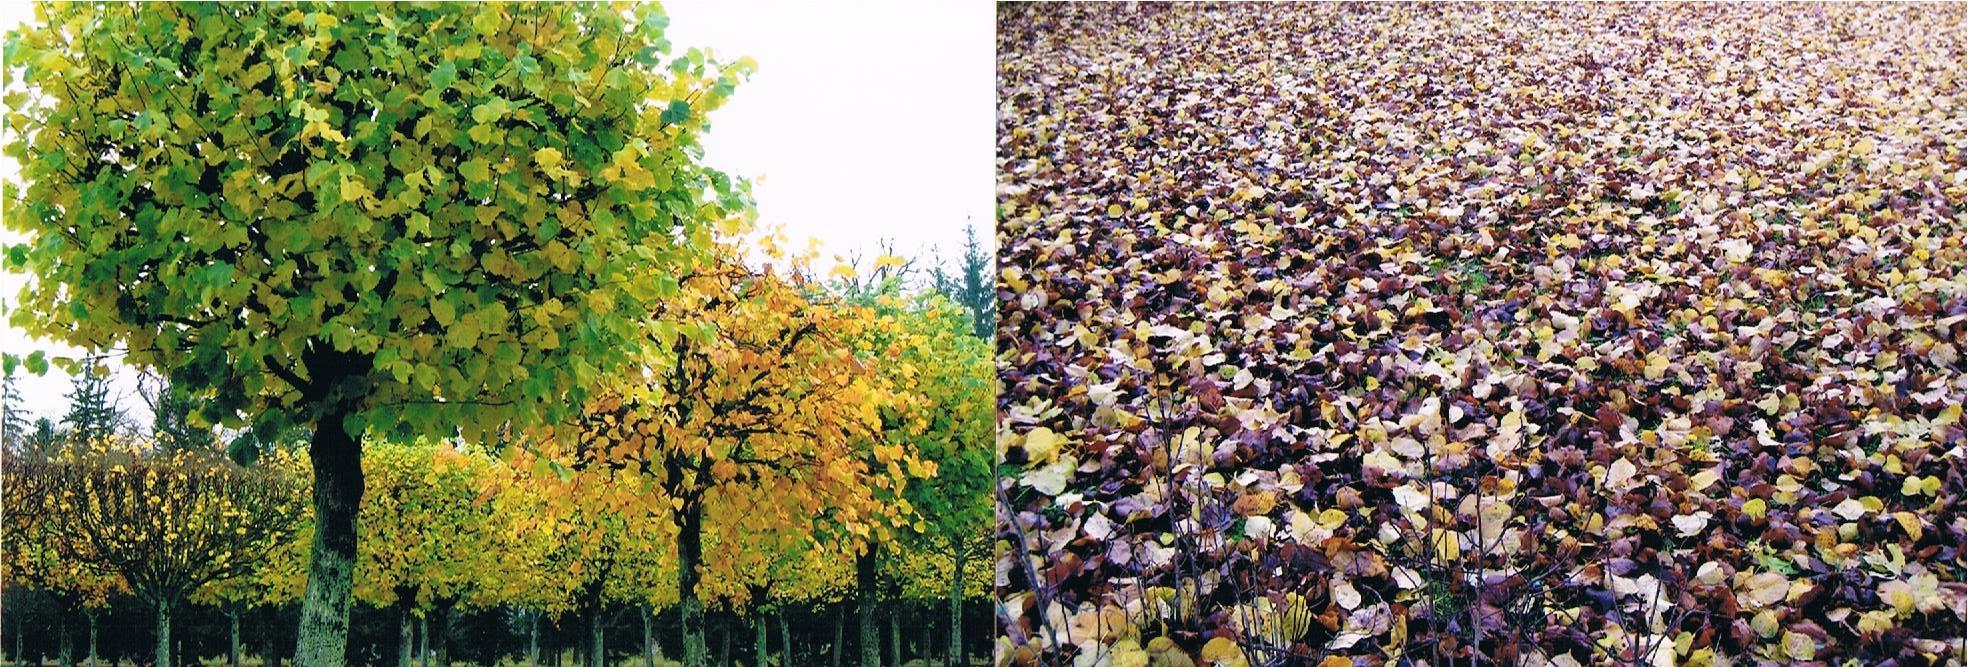 ロシアの「黄金の秋」_a0109837_19041209.jpeg